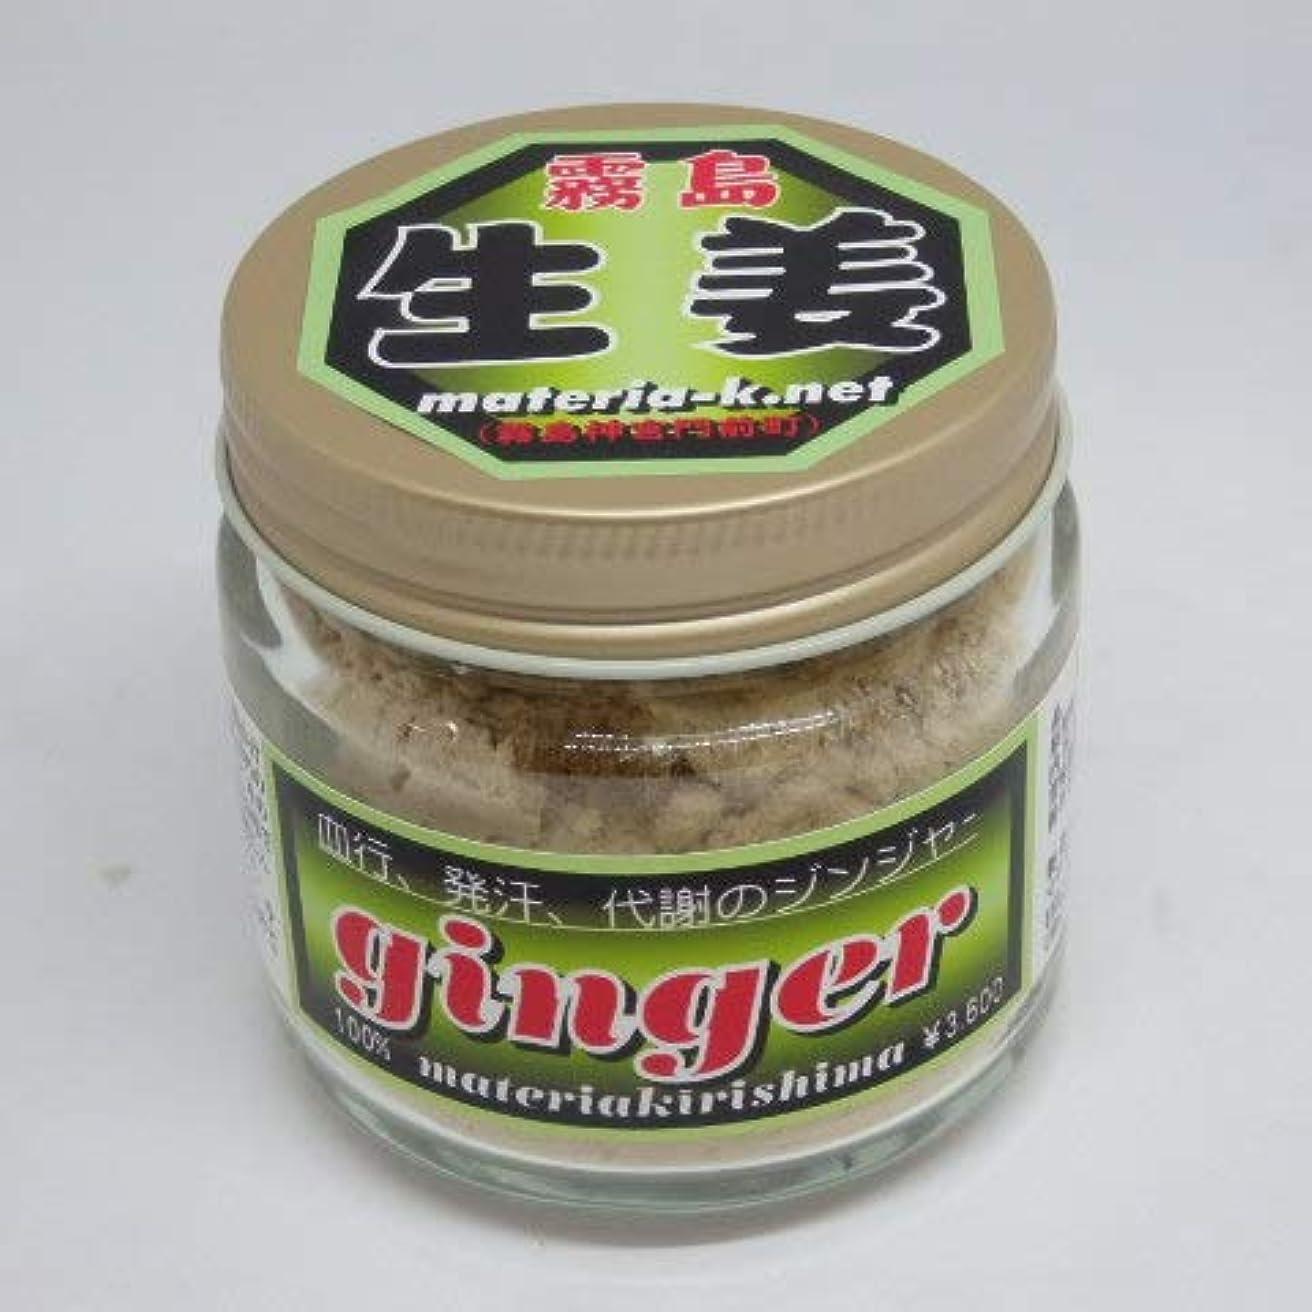 セイはさておき成功したビリー無添加健康食品/霧島濃縮ジンジャ- 粉末60g×3組6ケ月分¥10,800